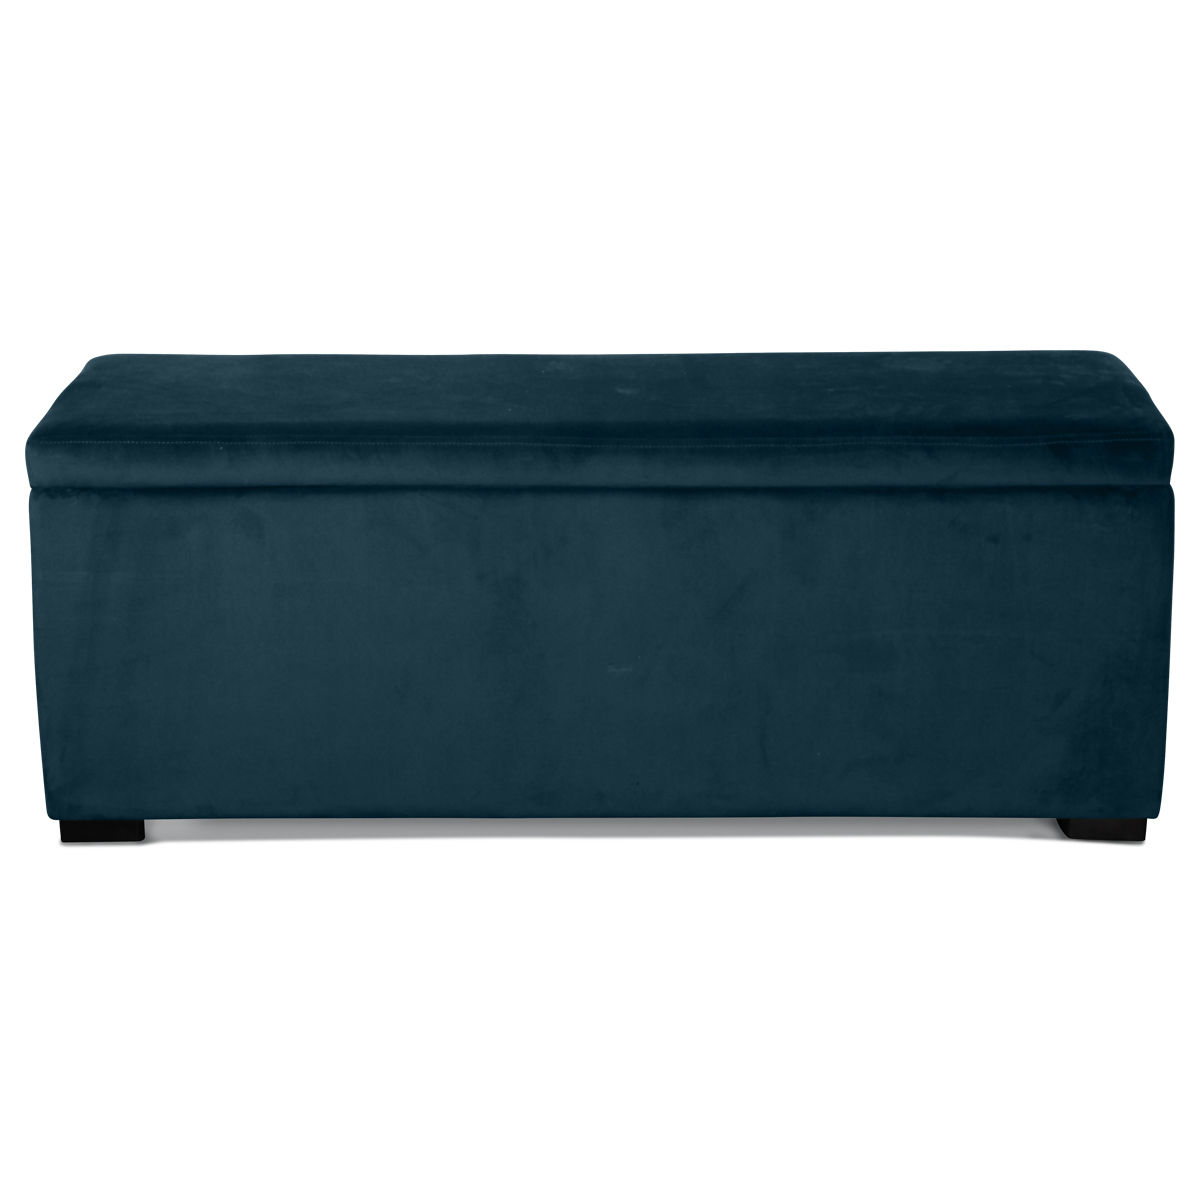 Banquette coffre en velours uni - Bleu Saxo - 120 x 40 x H 45 cm